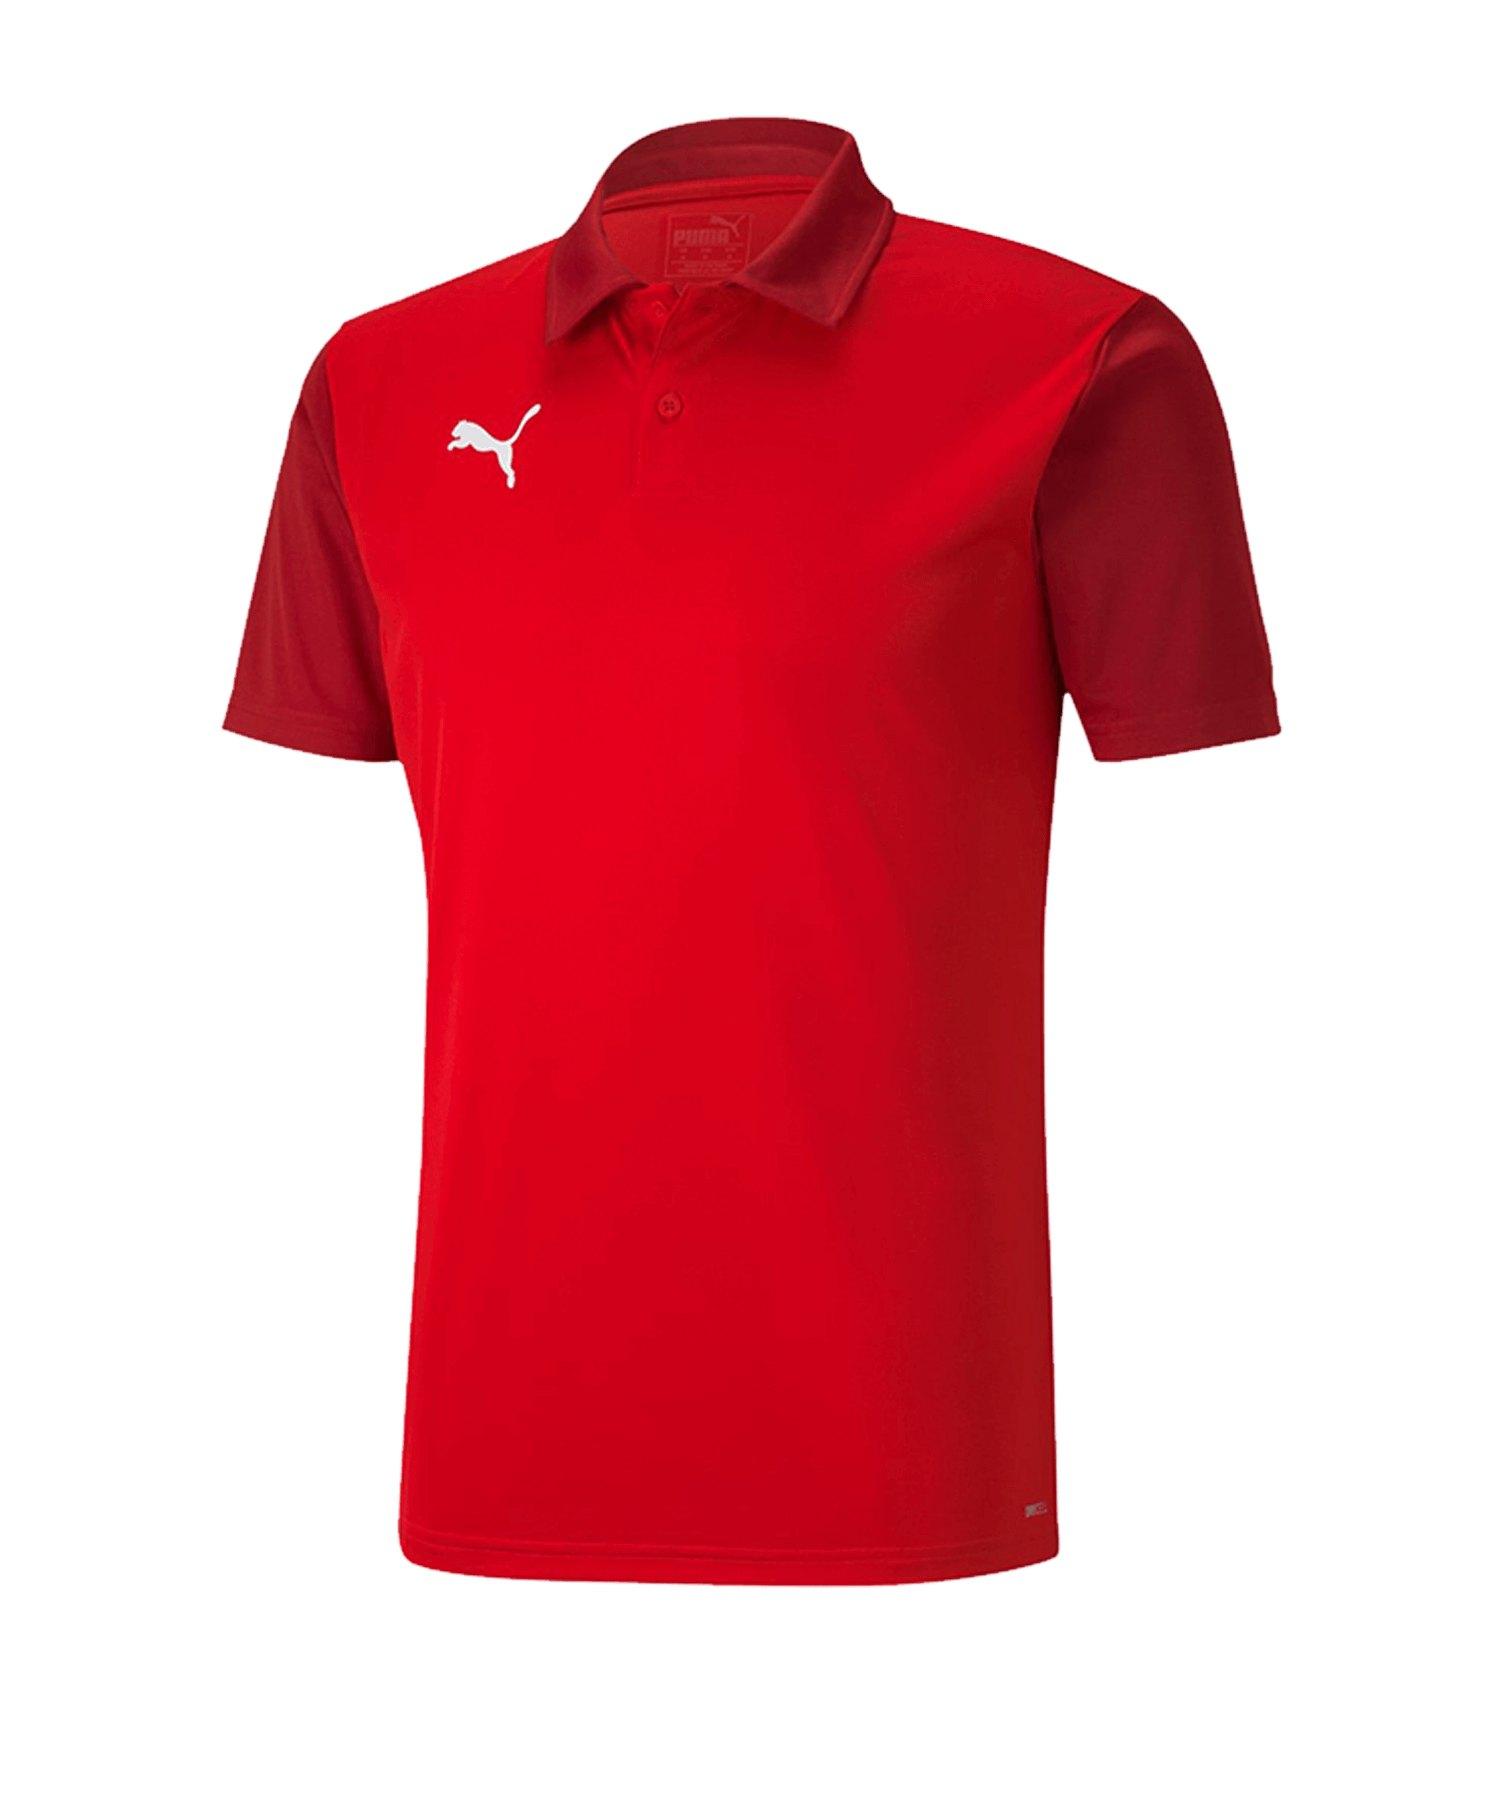 PUMA teamGOAL 23 Sideline Poloshirt Rot F01 - rot